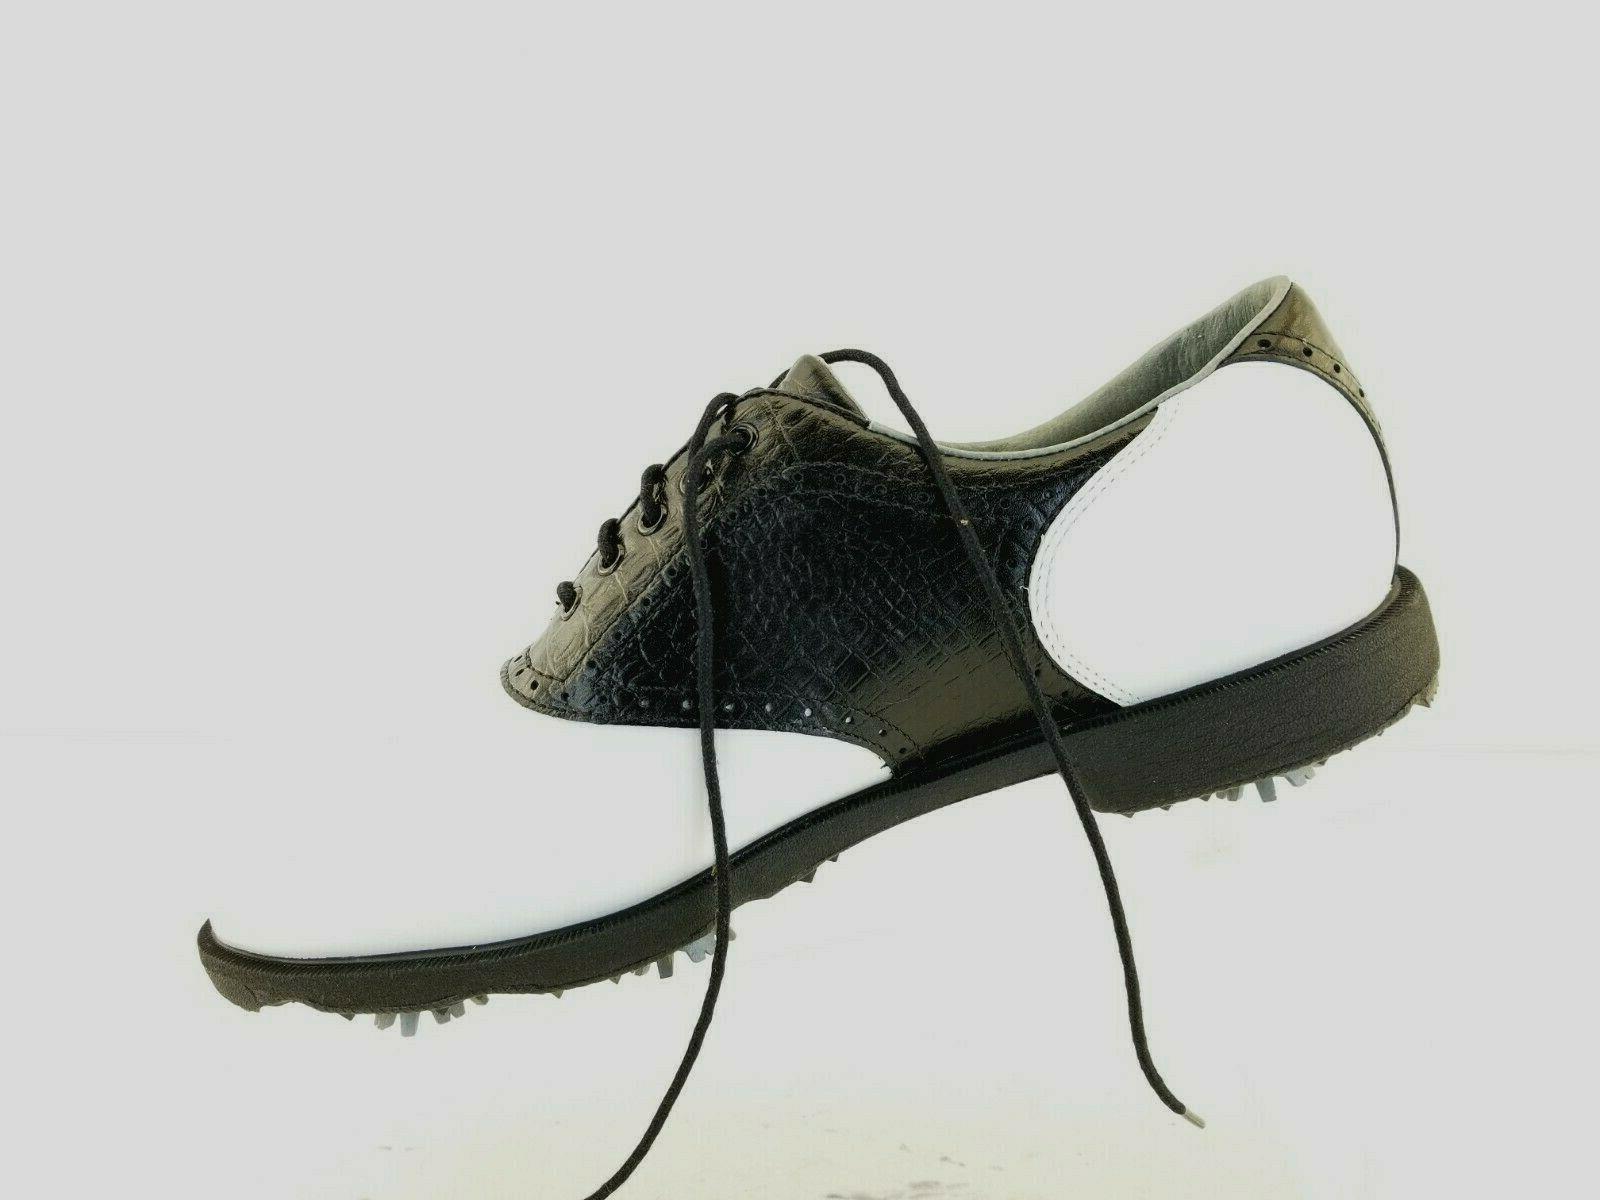 Etonic 400 White Shoes